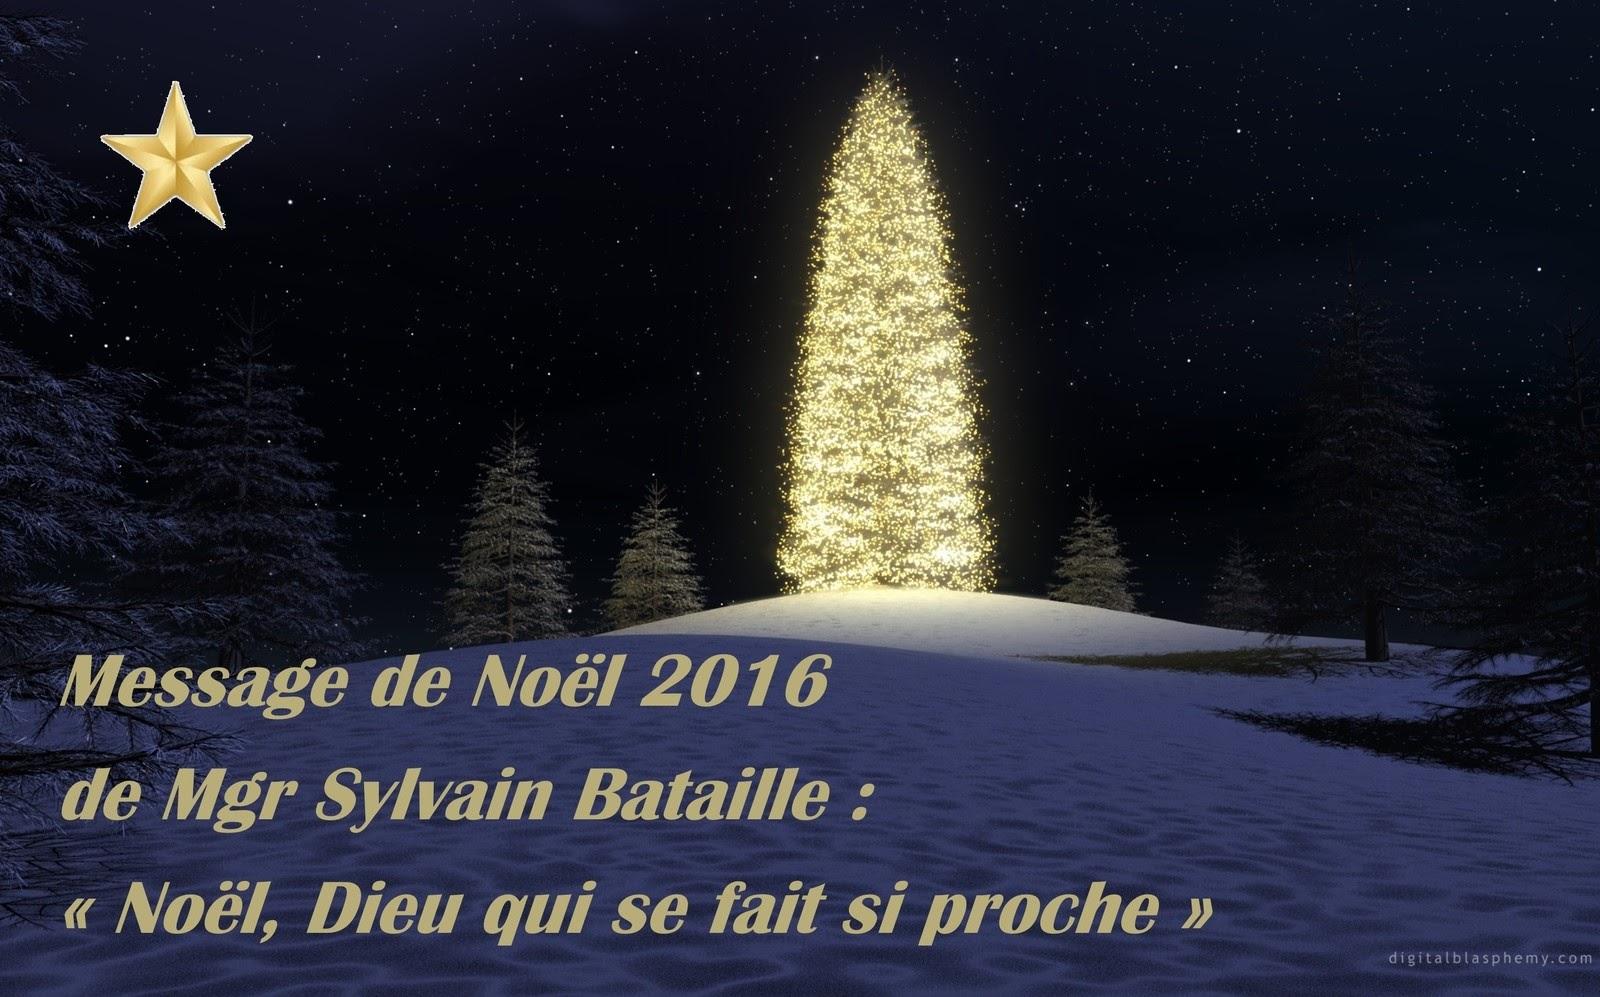 Message de Noël 2016 de Mgr Sylvain Bataille